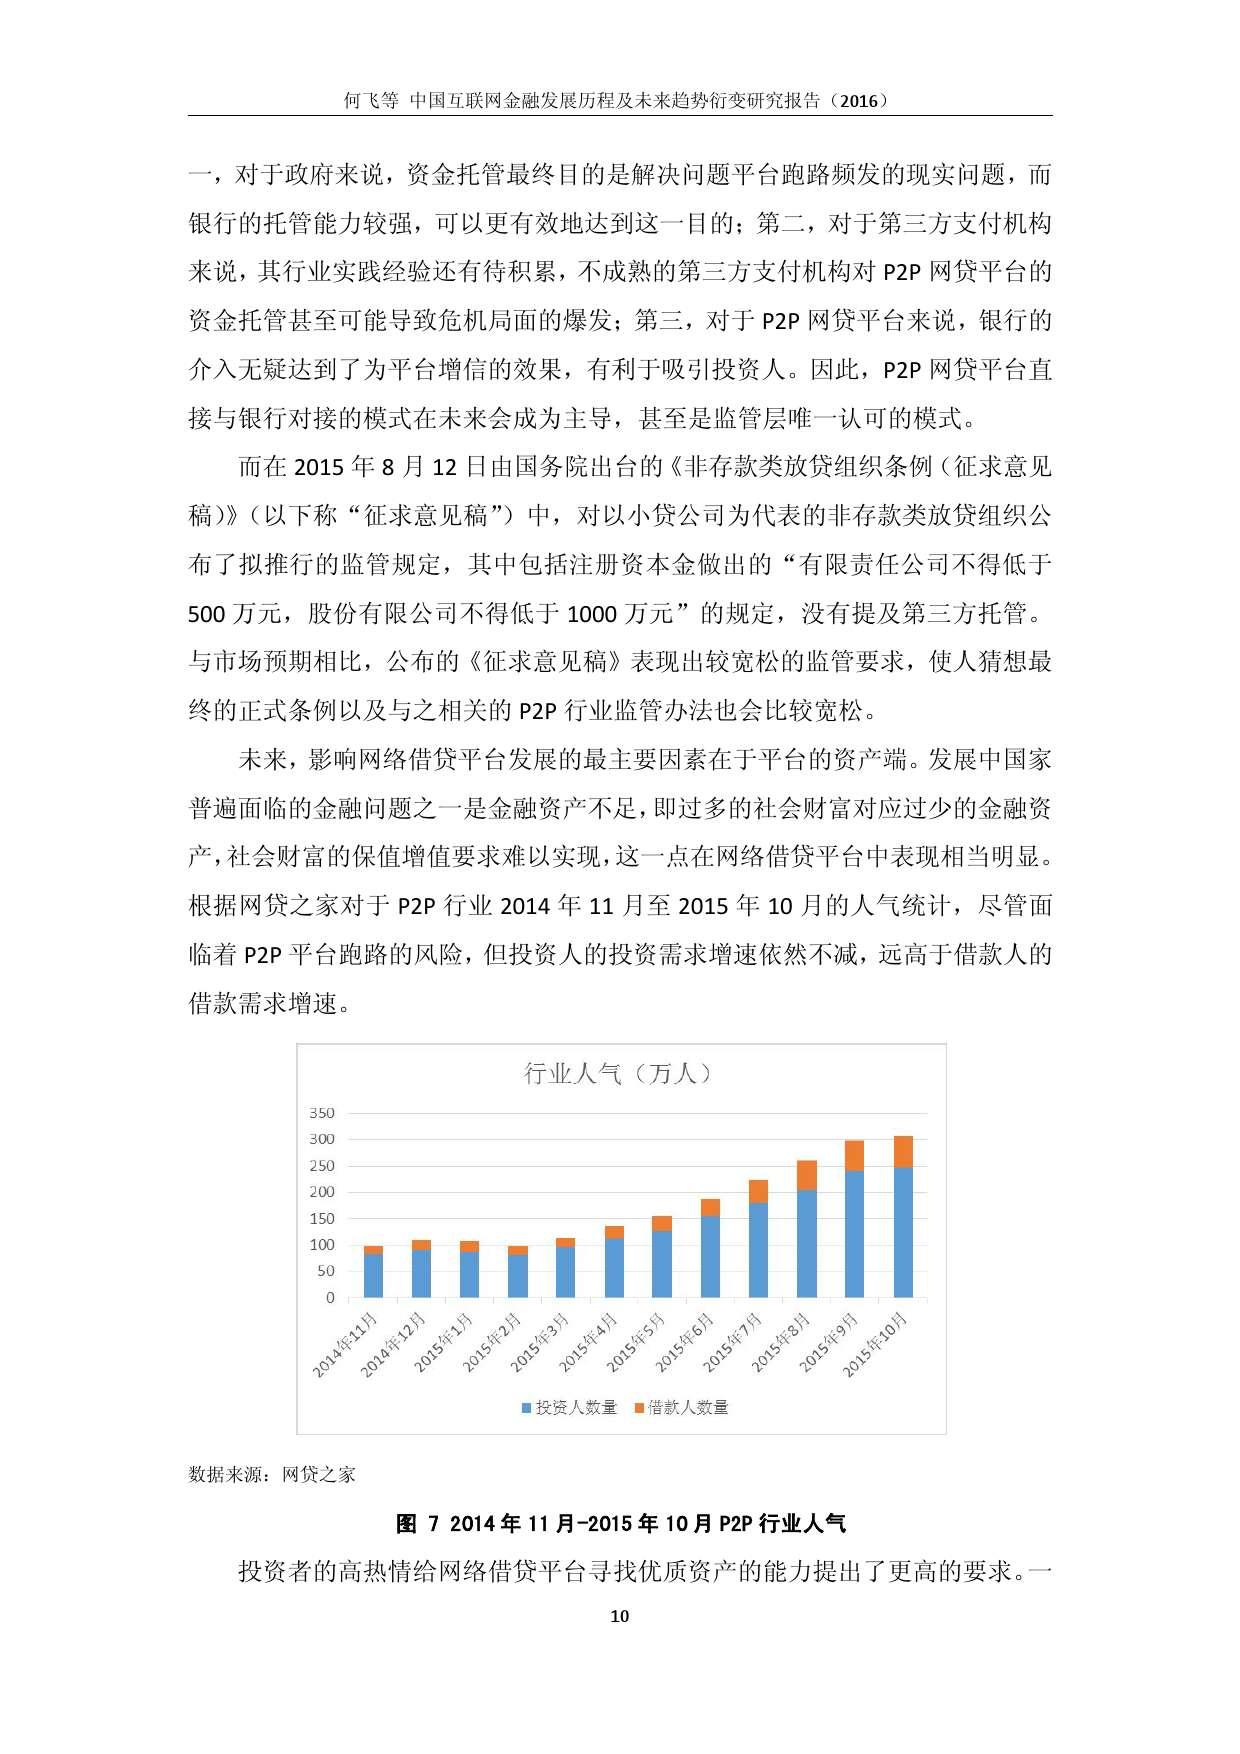 中国互联网金融发展历程及未来趋势衍变研究报告(2016)_000015